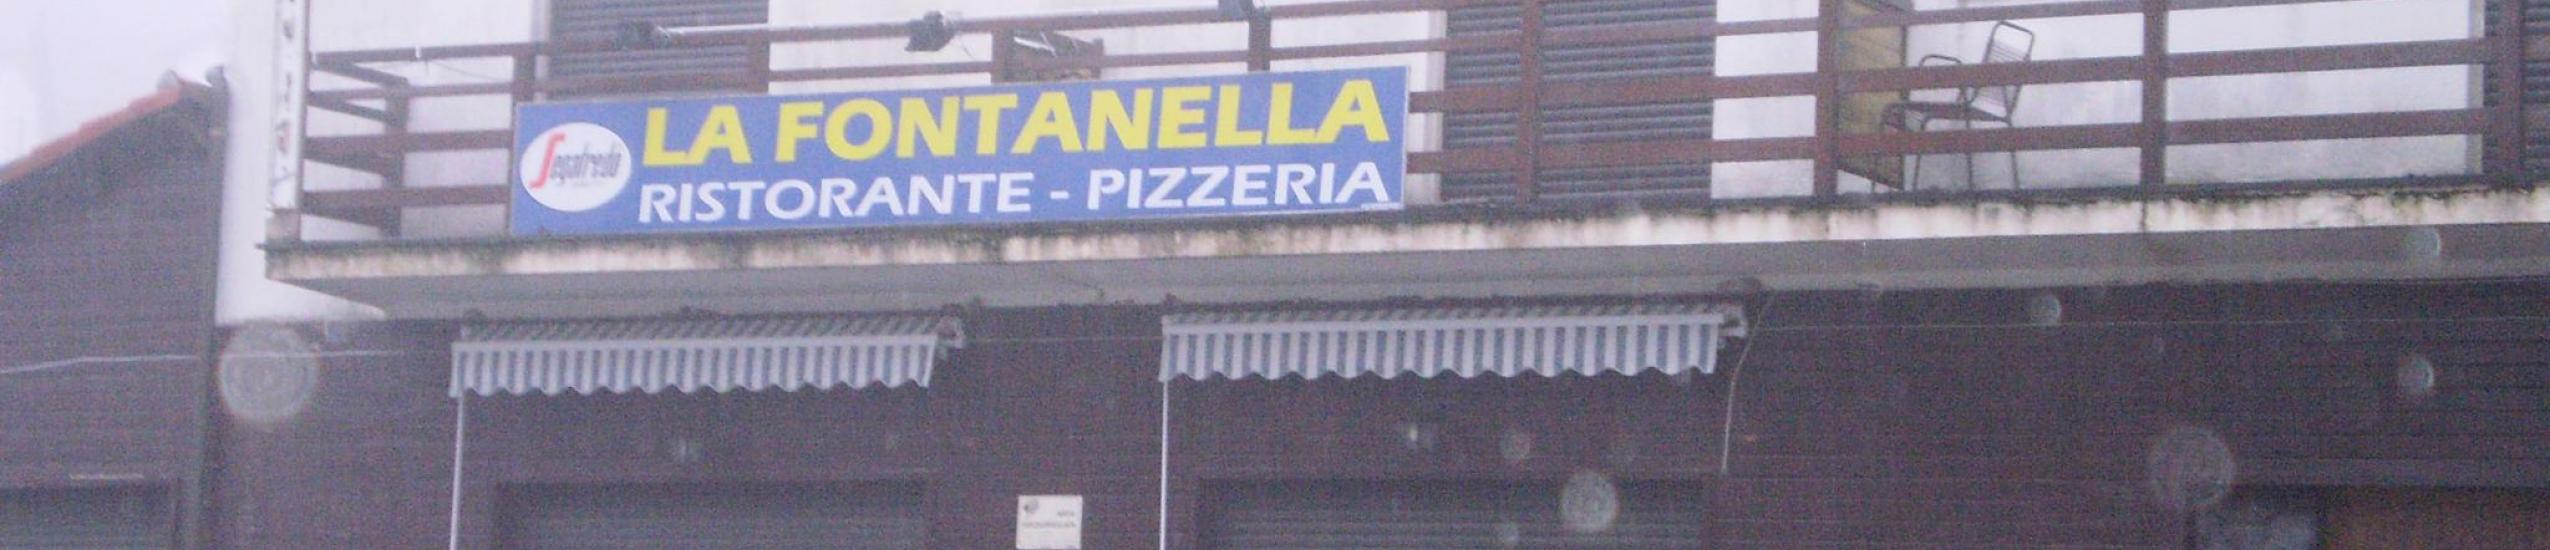 esterno della pizzeria